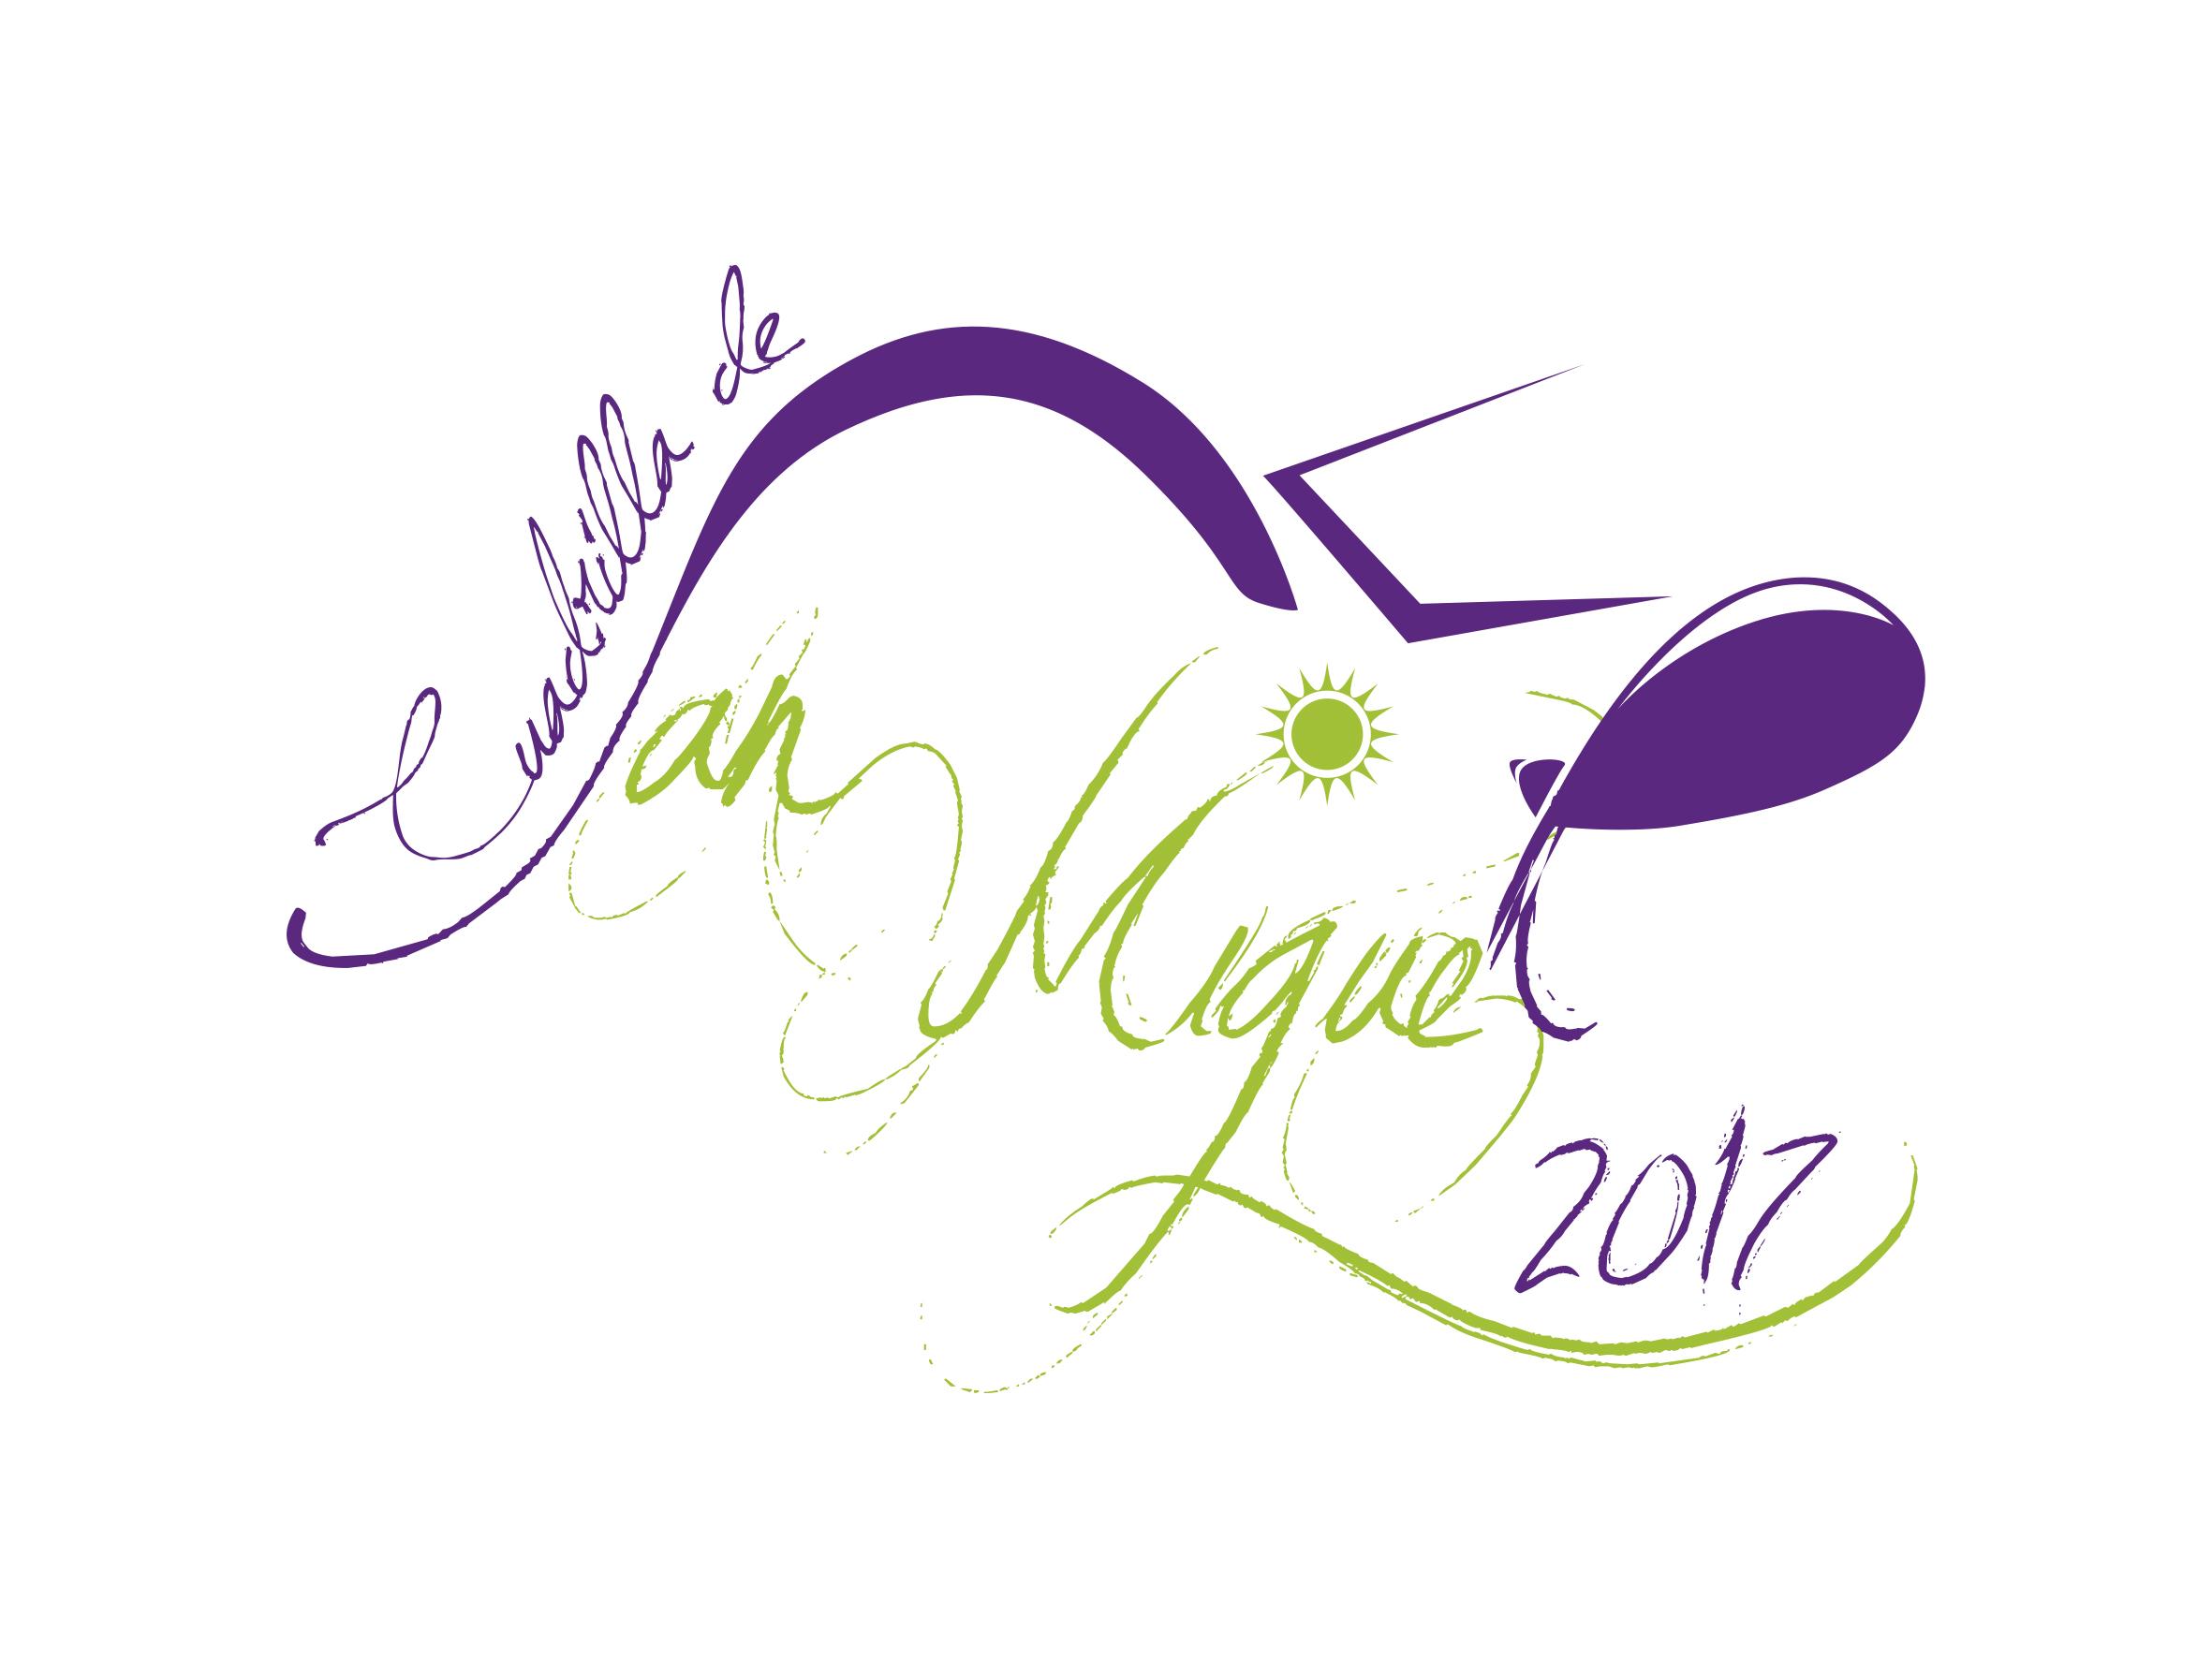 Logotipos de las cuadrillas de San Juan 2017   Imagen 6